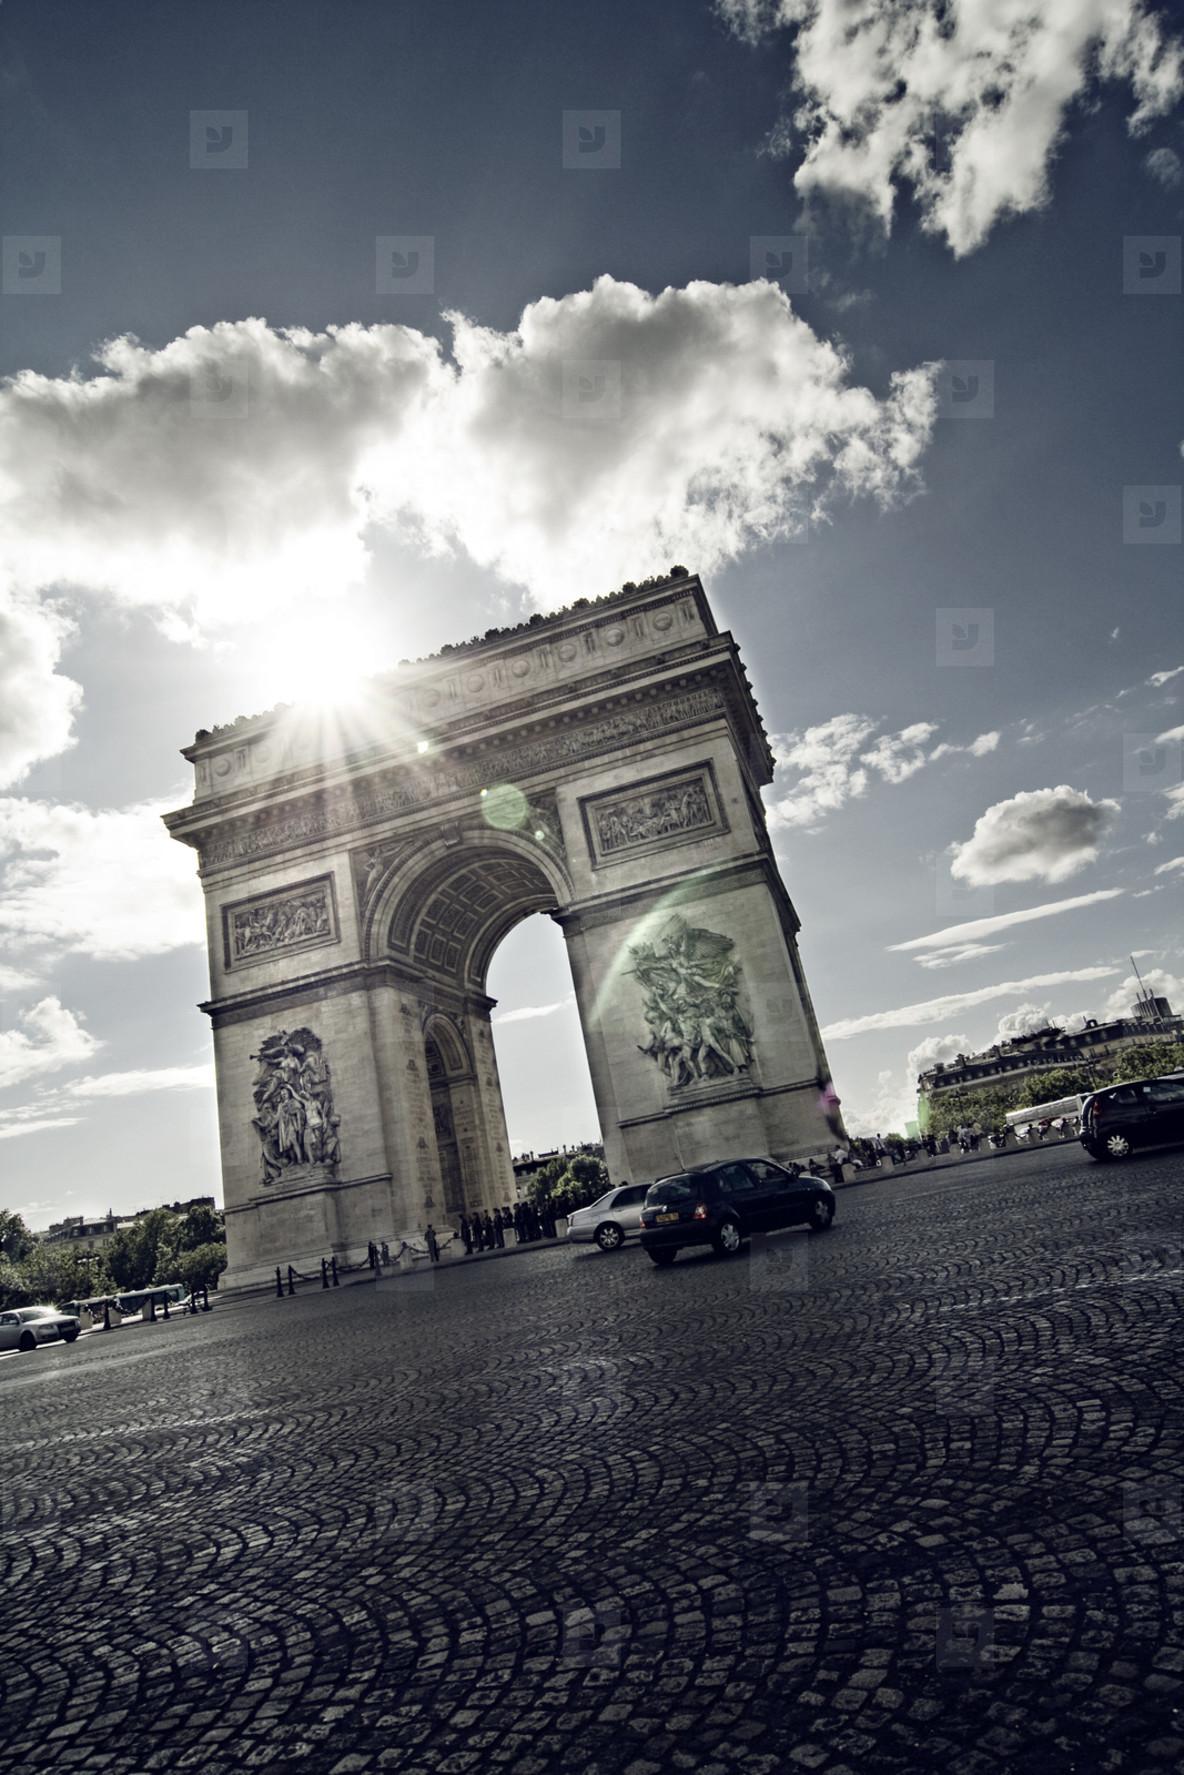 Le Arc Du Triumph